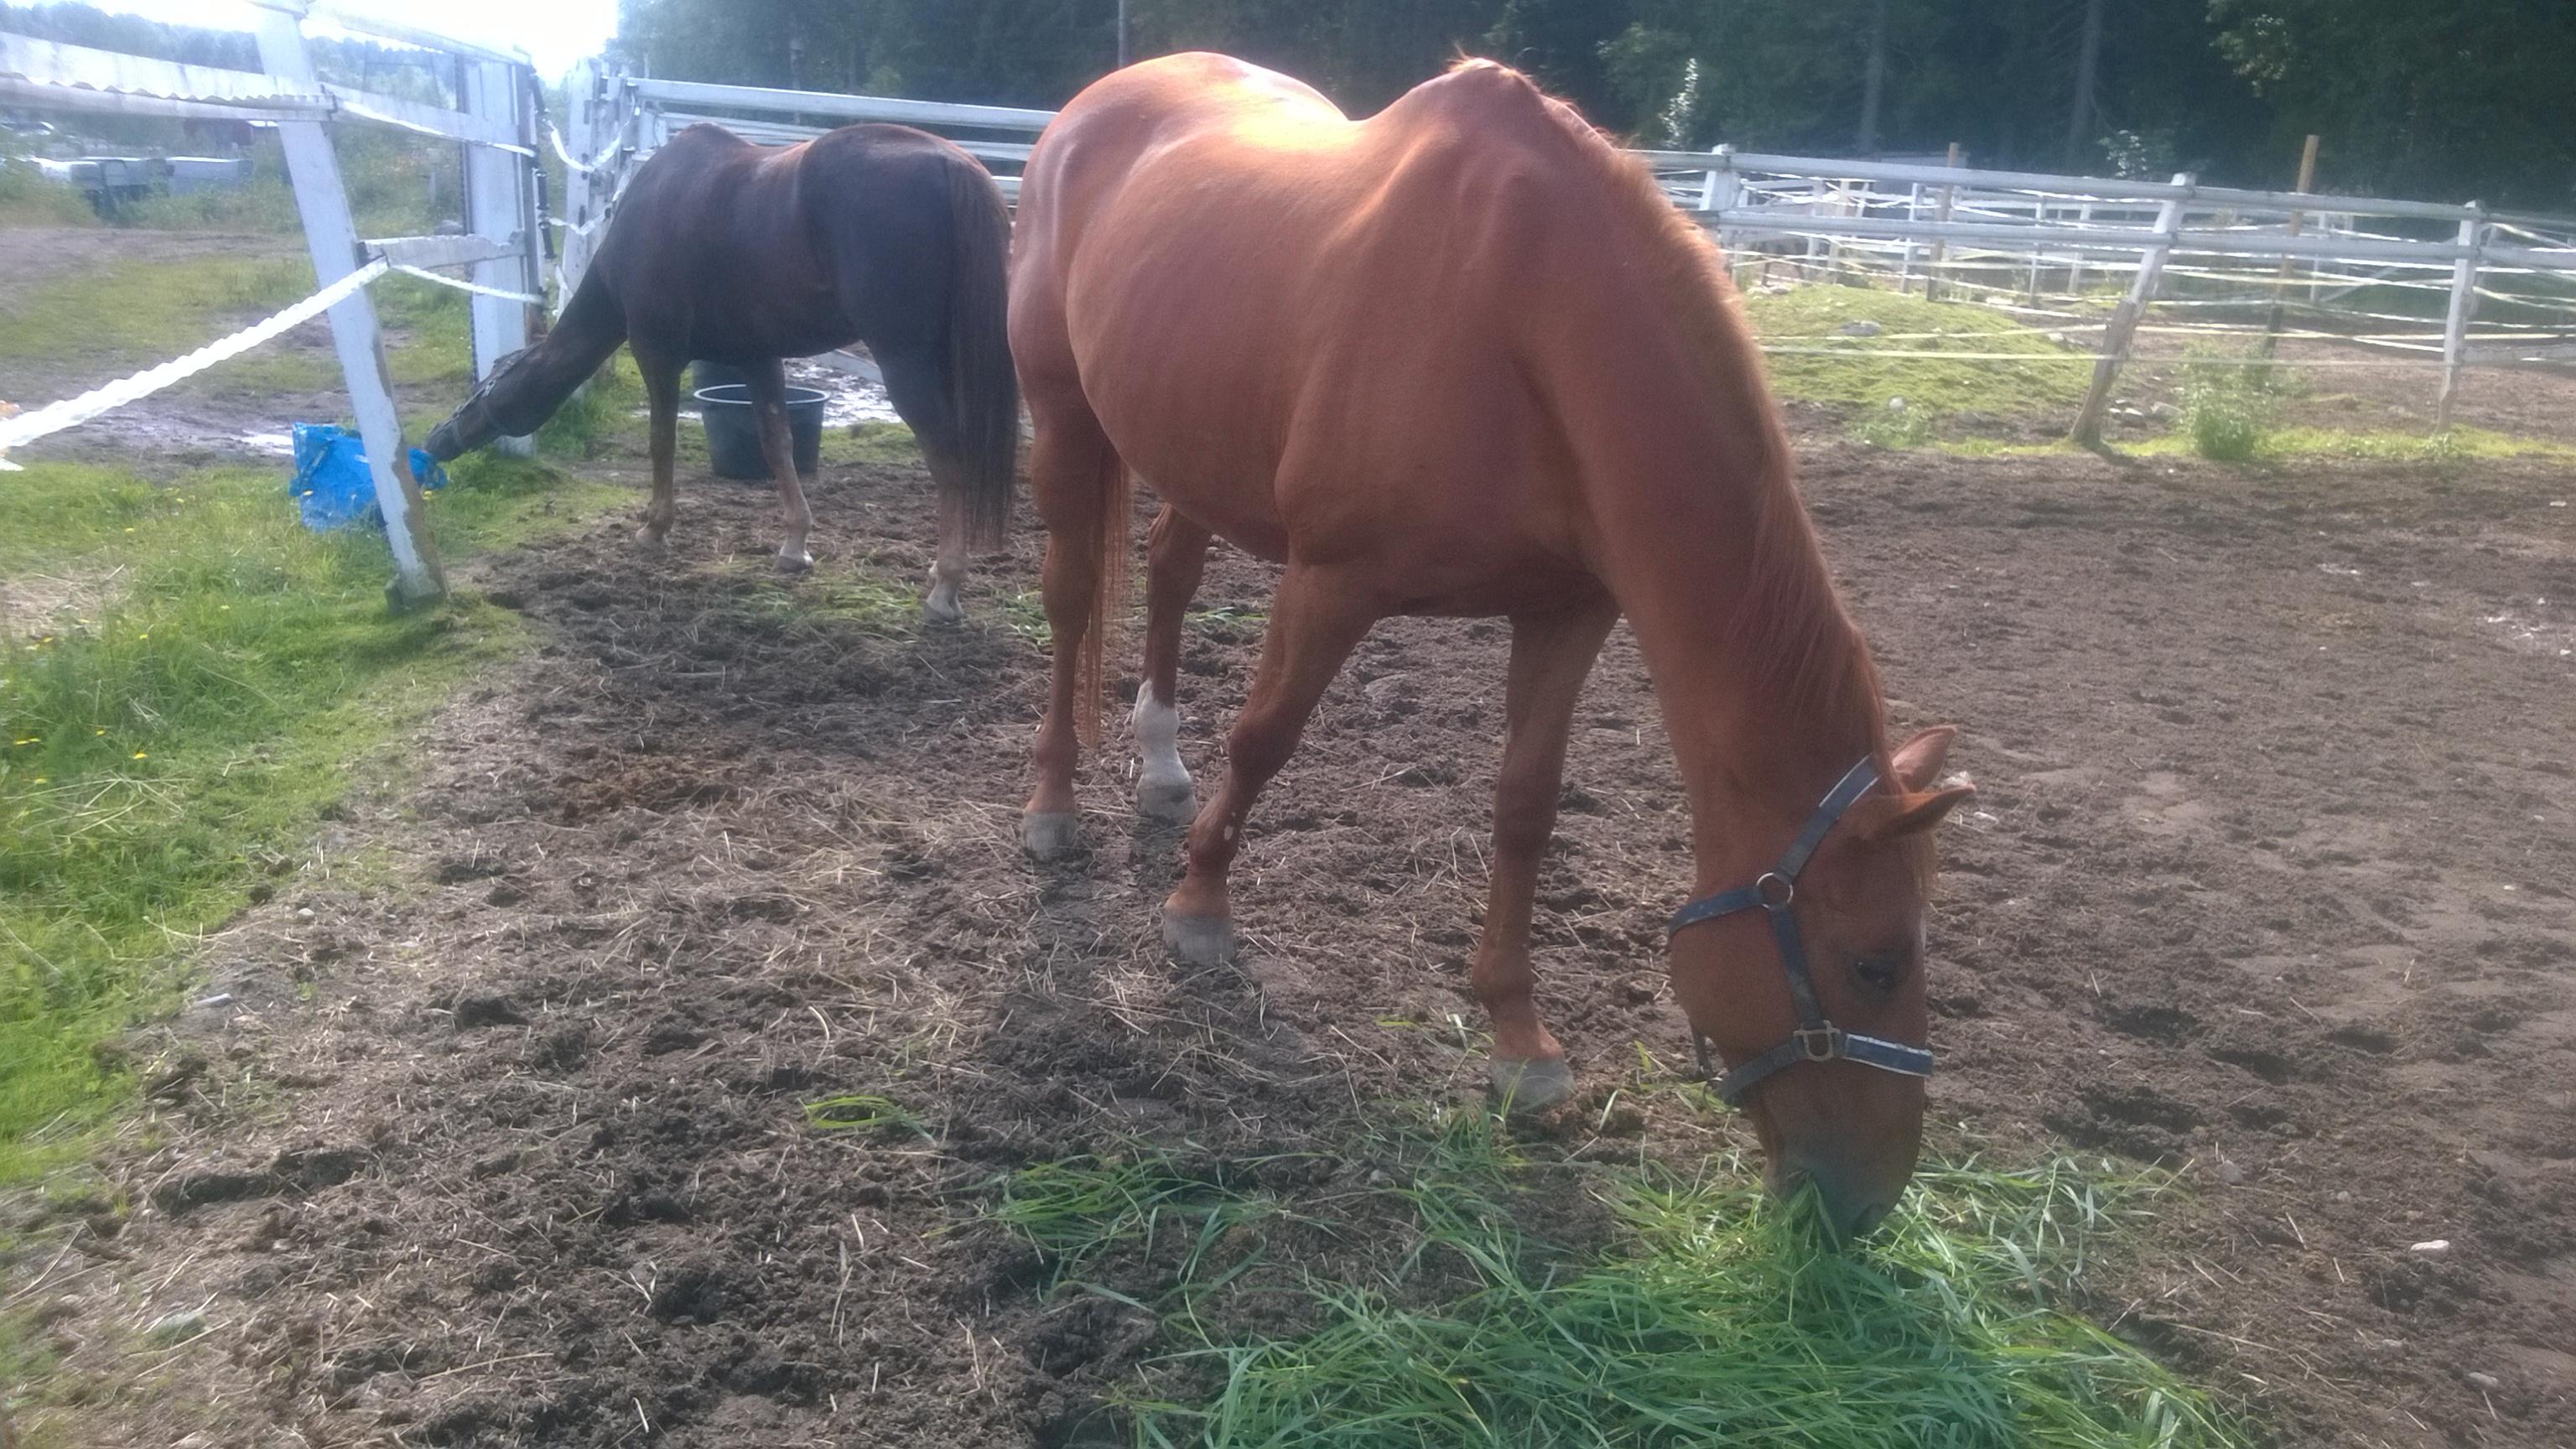 Kaksi hevosta, joiden nimet ovat Pallero ja Risto